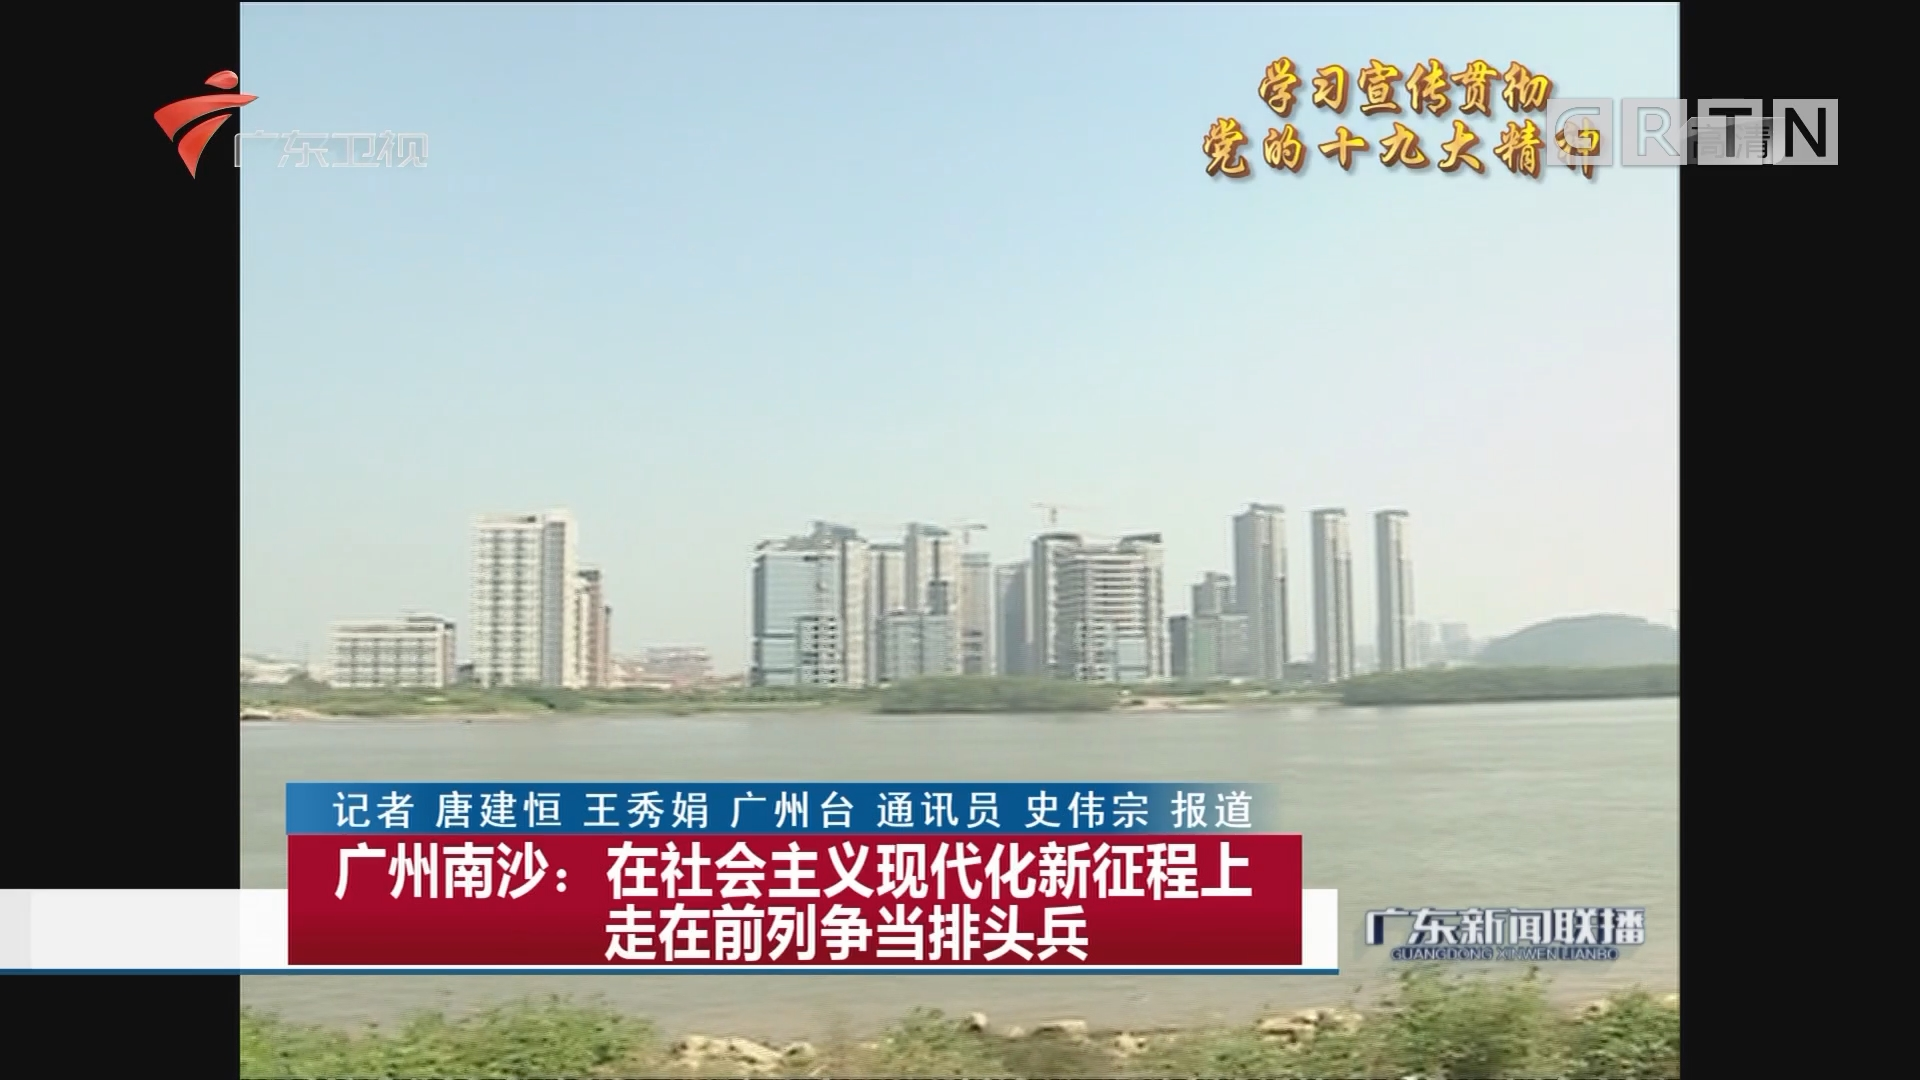 广州南沙:在社会主义现代化新征程上走在前列争当排头兵